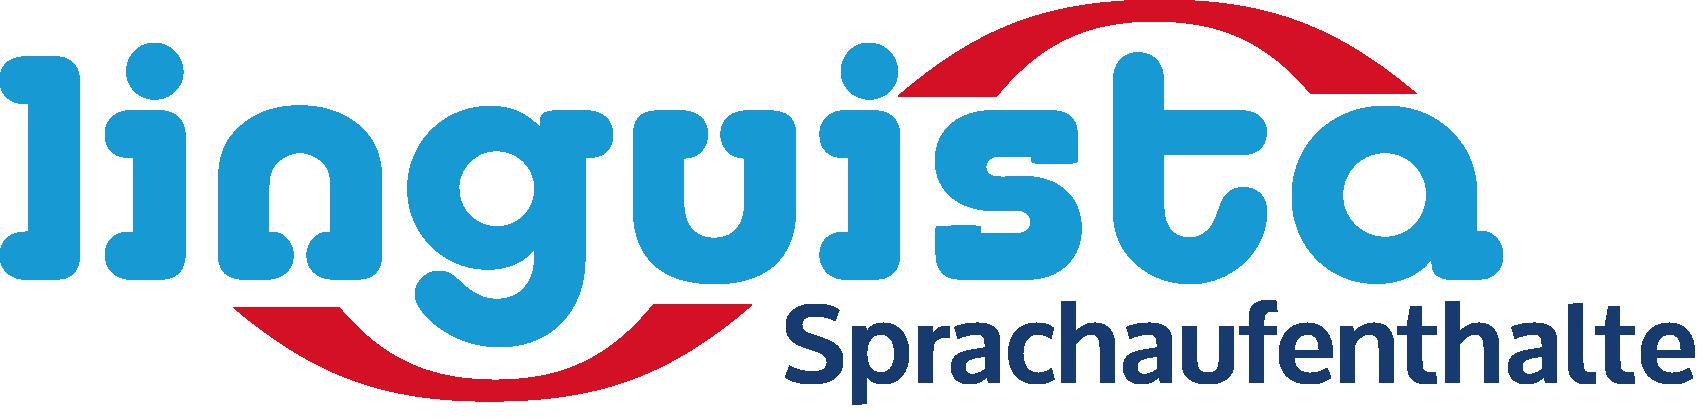 Oxygen_Linguista_Sprachaufenthalt_Logo_4c